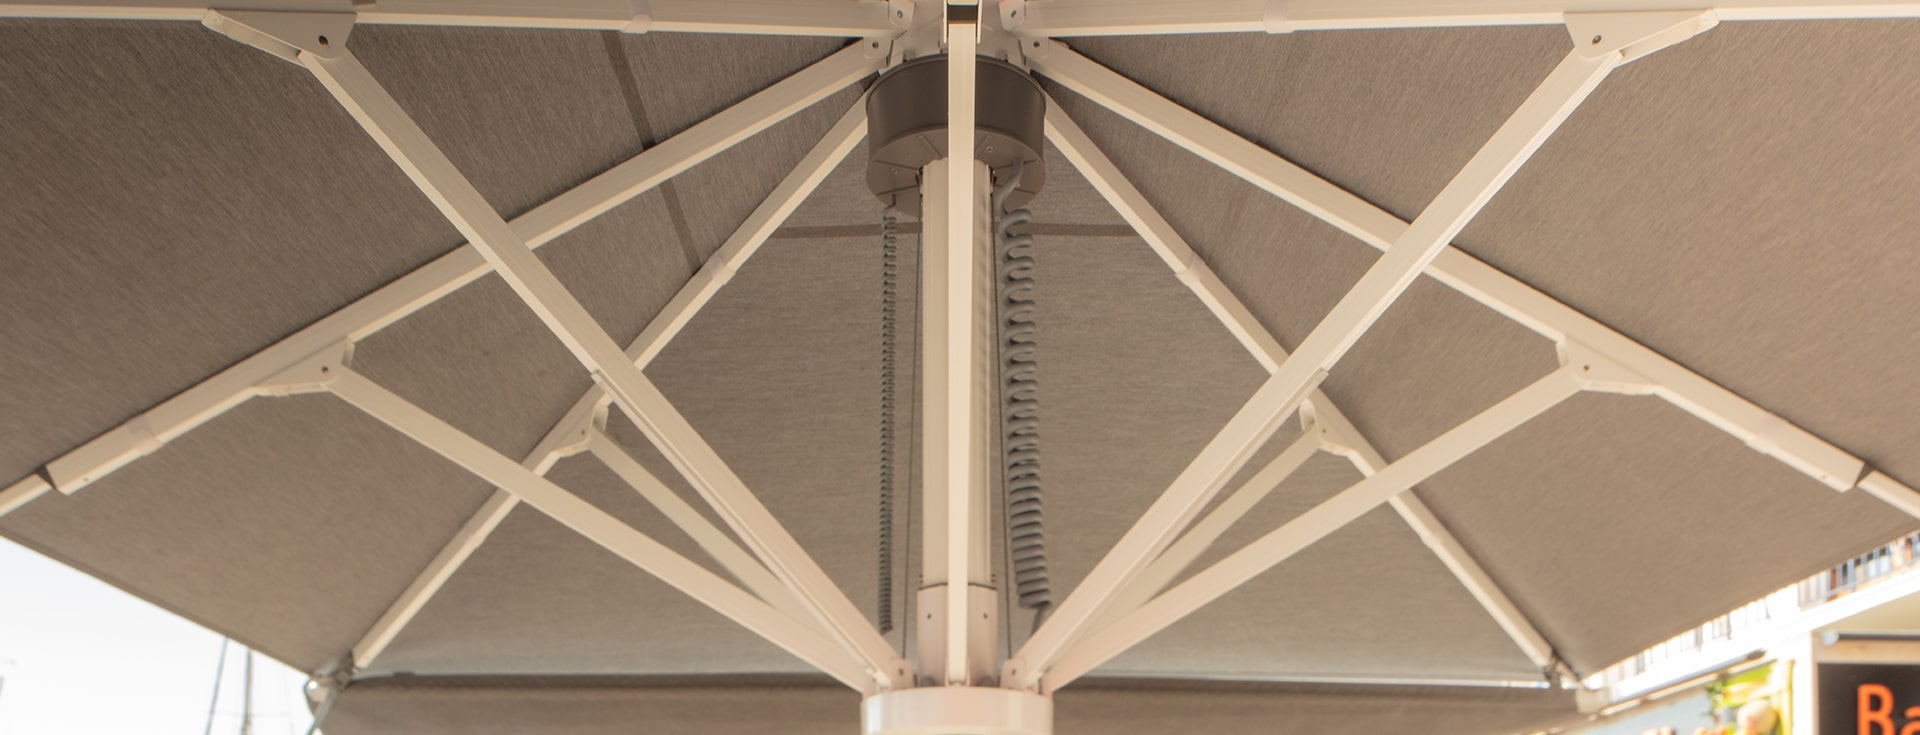 Parasol géant Palazzo - Détail Boitier electrique PZ14 - HD 16-min